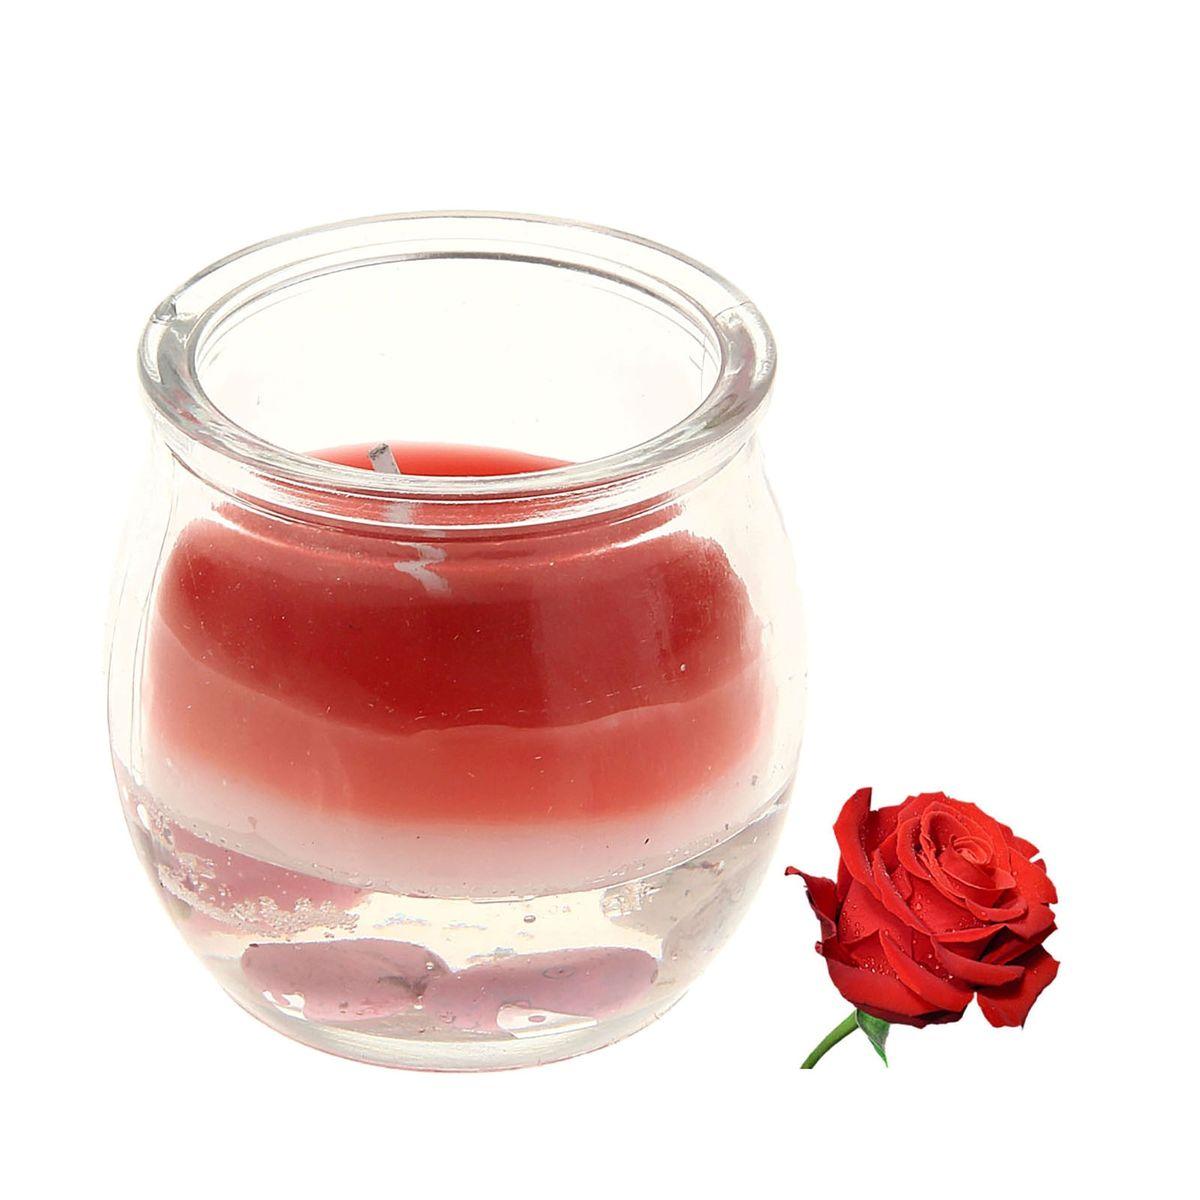 Свеча ароматизированная Sima-land Роза, высота 5,5 см. 825841825841Ароматизированная свеча Sima-land Роза изготовлена из воска и геля и поставляется в стеклянной баночке. Изделие отличается оригинальным дизайном и приятным ароматом. Такая свеча может стать отличным подарком или создаст незабываемую атмосферу праздника в вашем доме.